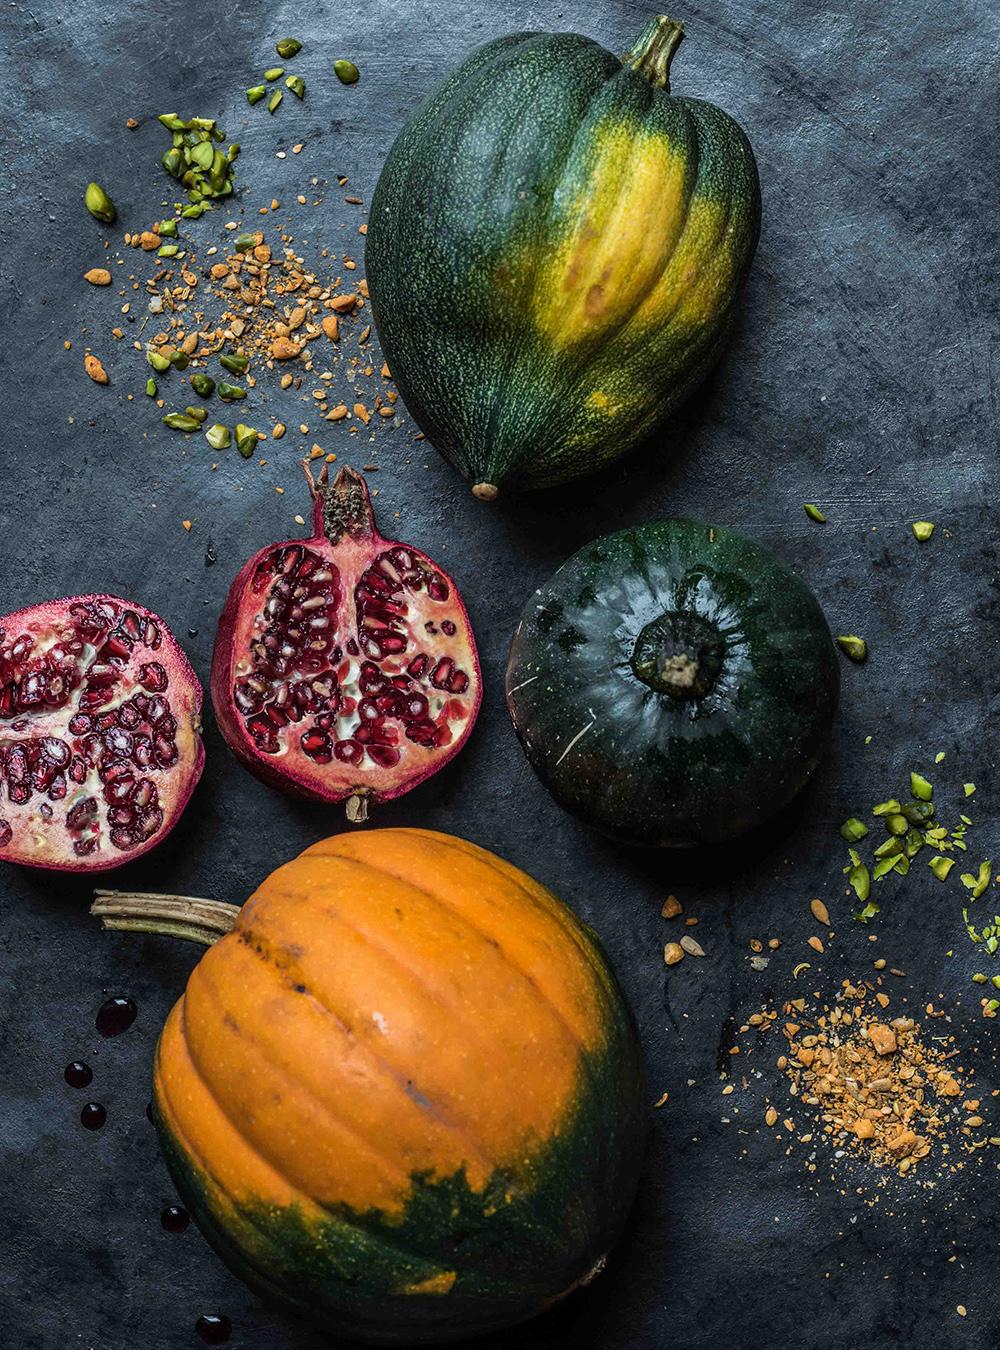 Acorn Squash - Festliche Eichelkürbis Kringel mit Pesto und Dukkah, Pistazien und fruchtiger Vinaigrette